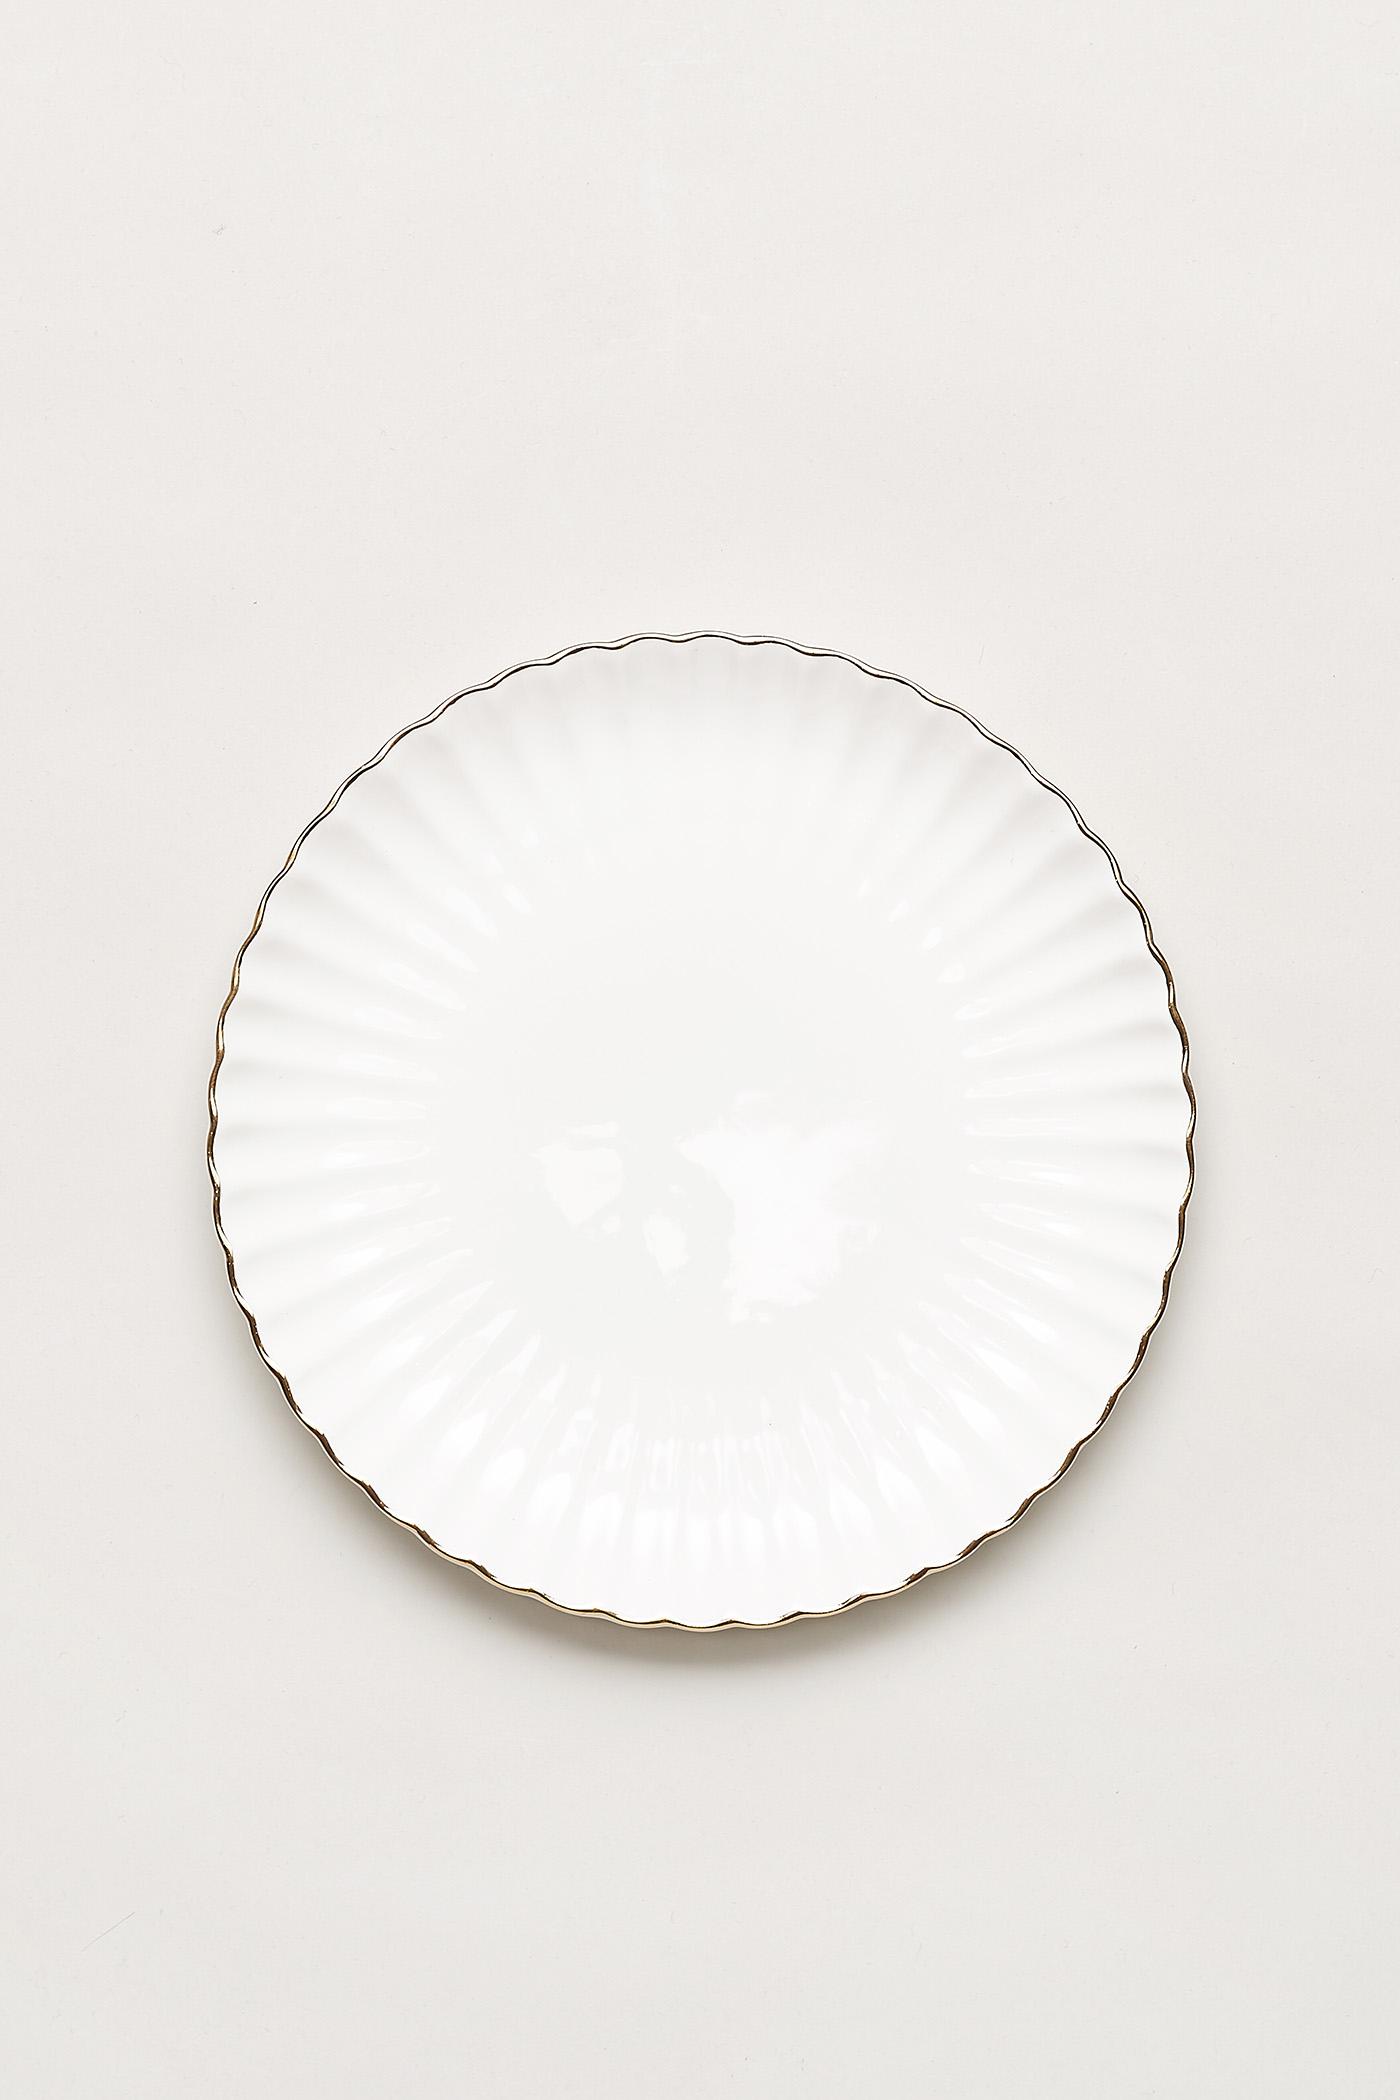 Anderson Gold-Rim Plate